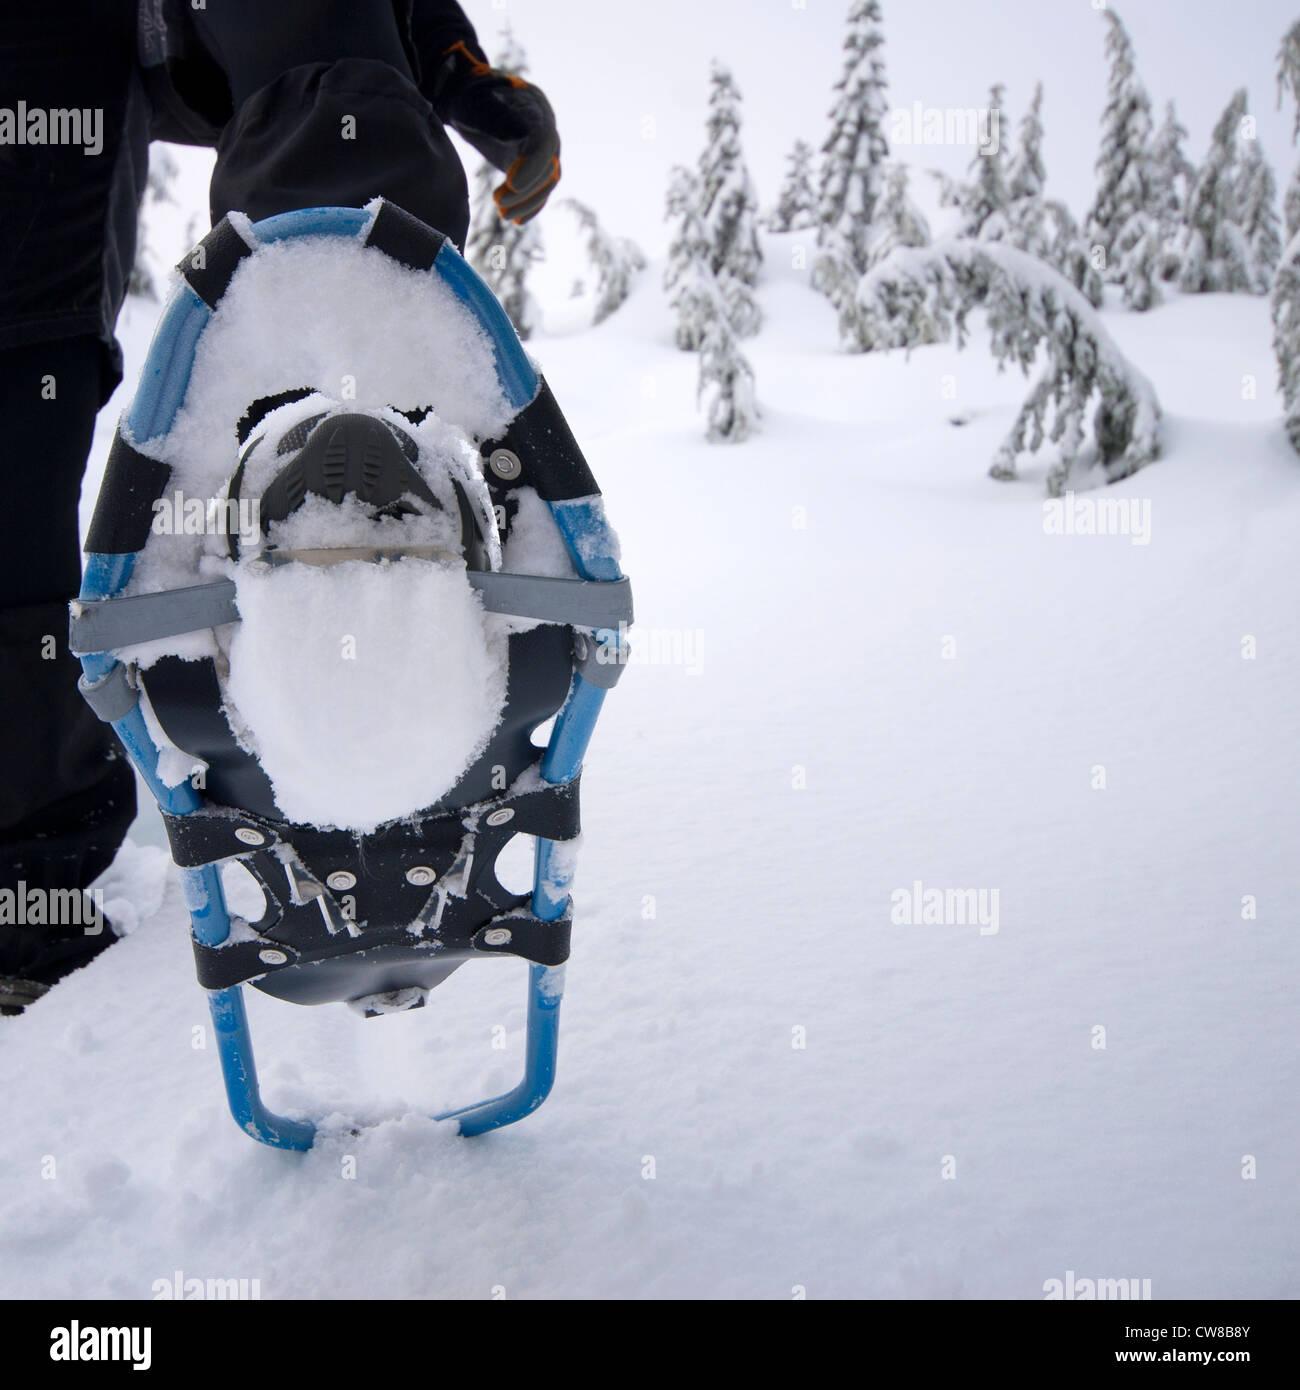 Gros plan d'une raquette sur un pied d'une personne courant en hiver sur la neige Photo Stock